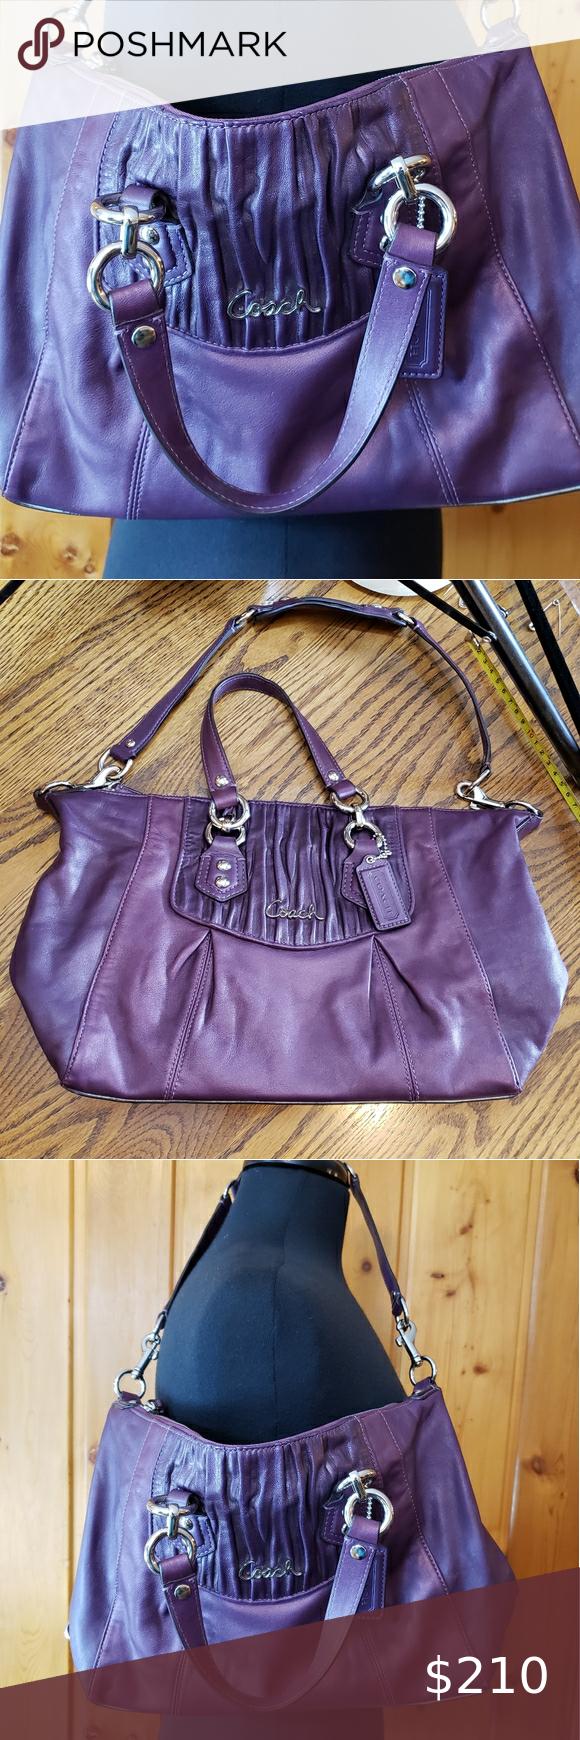 Coach Purple Leather Purse